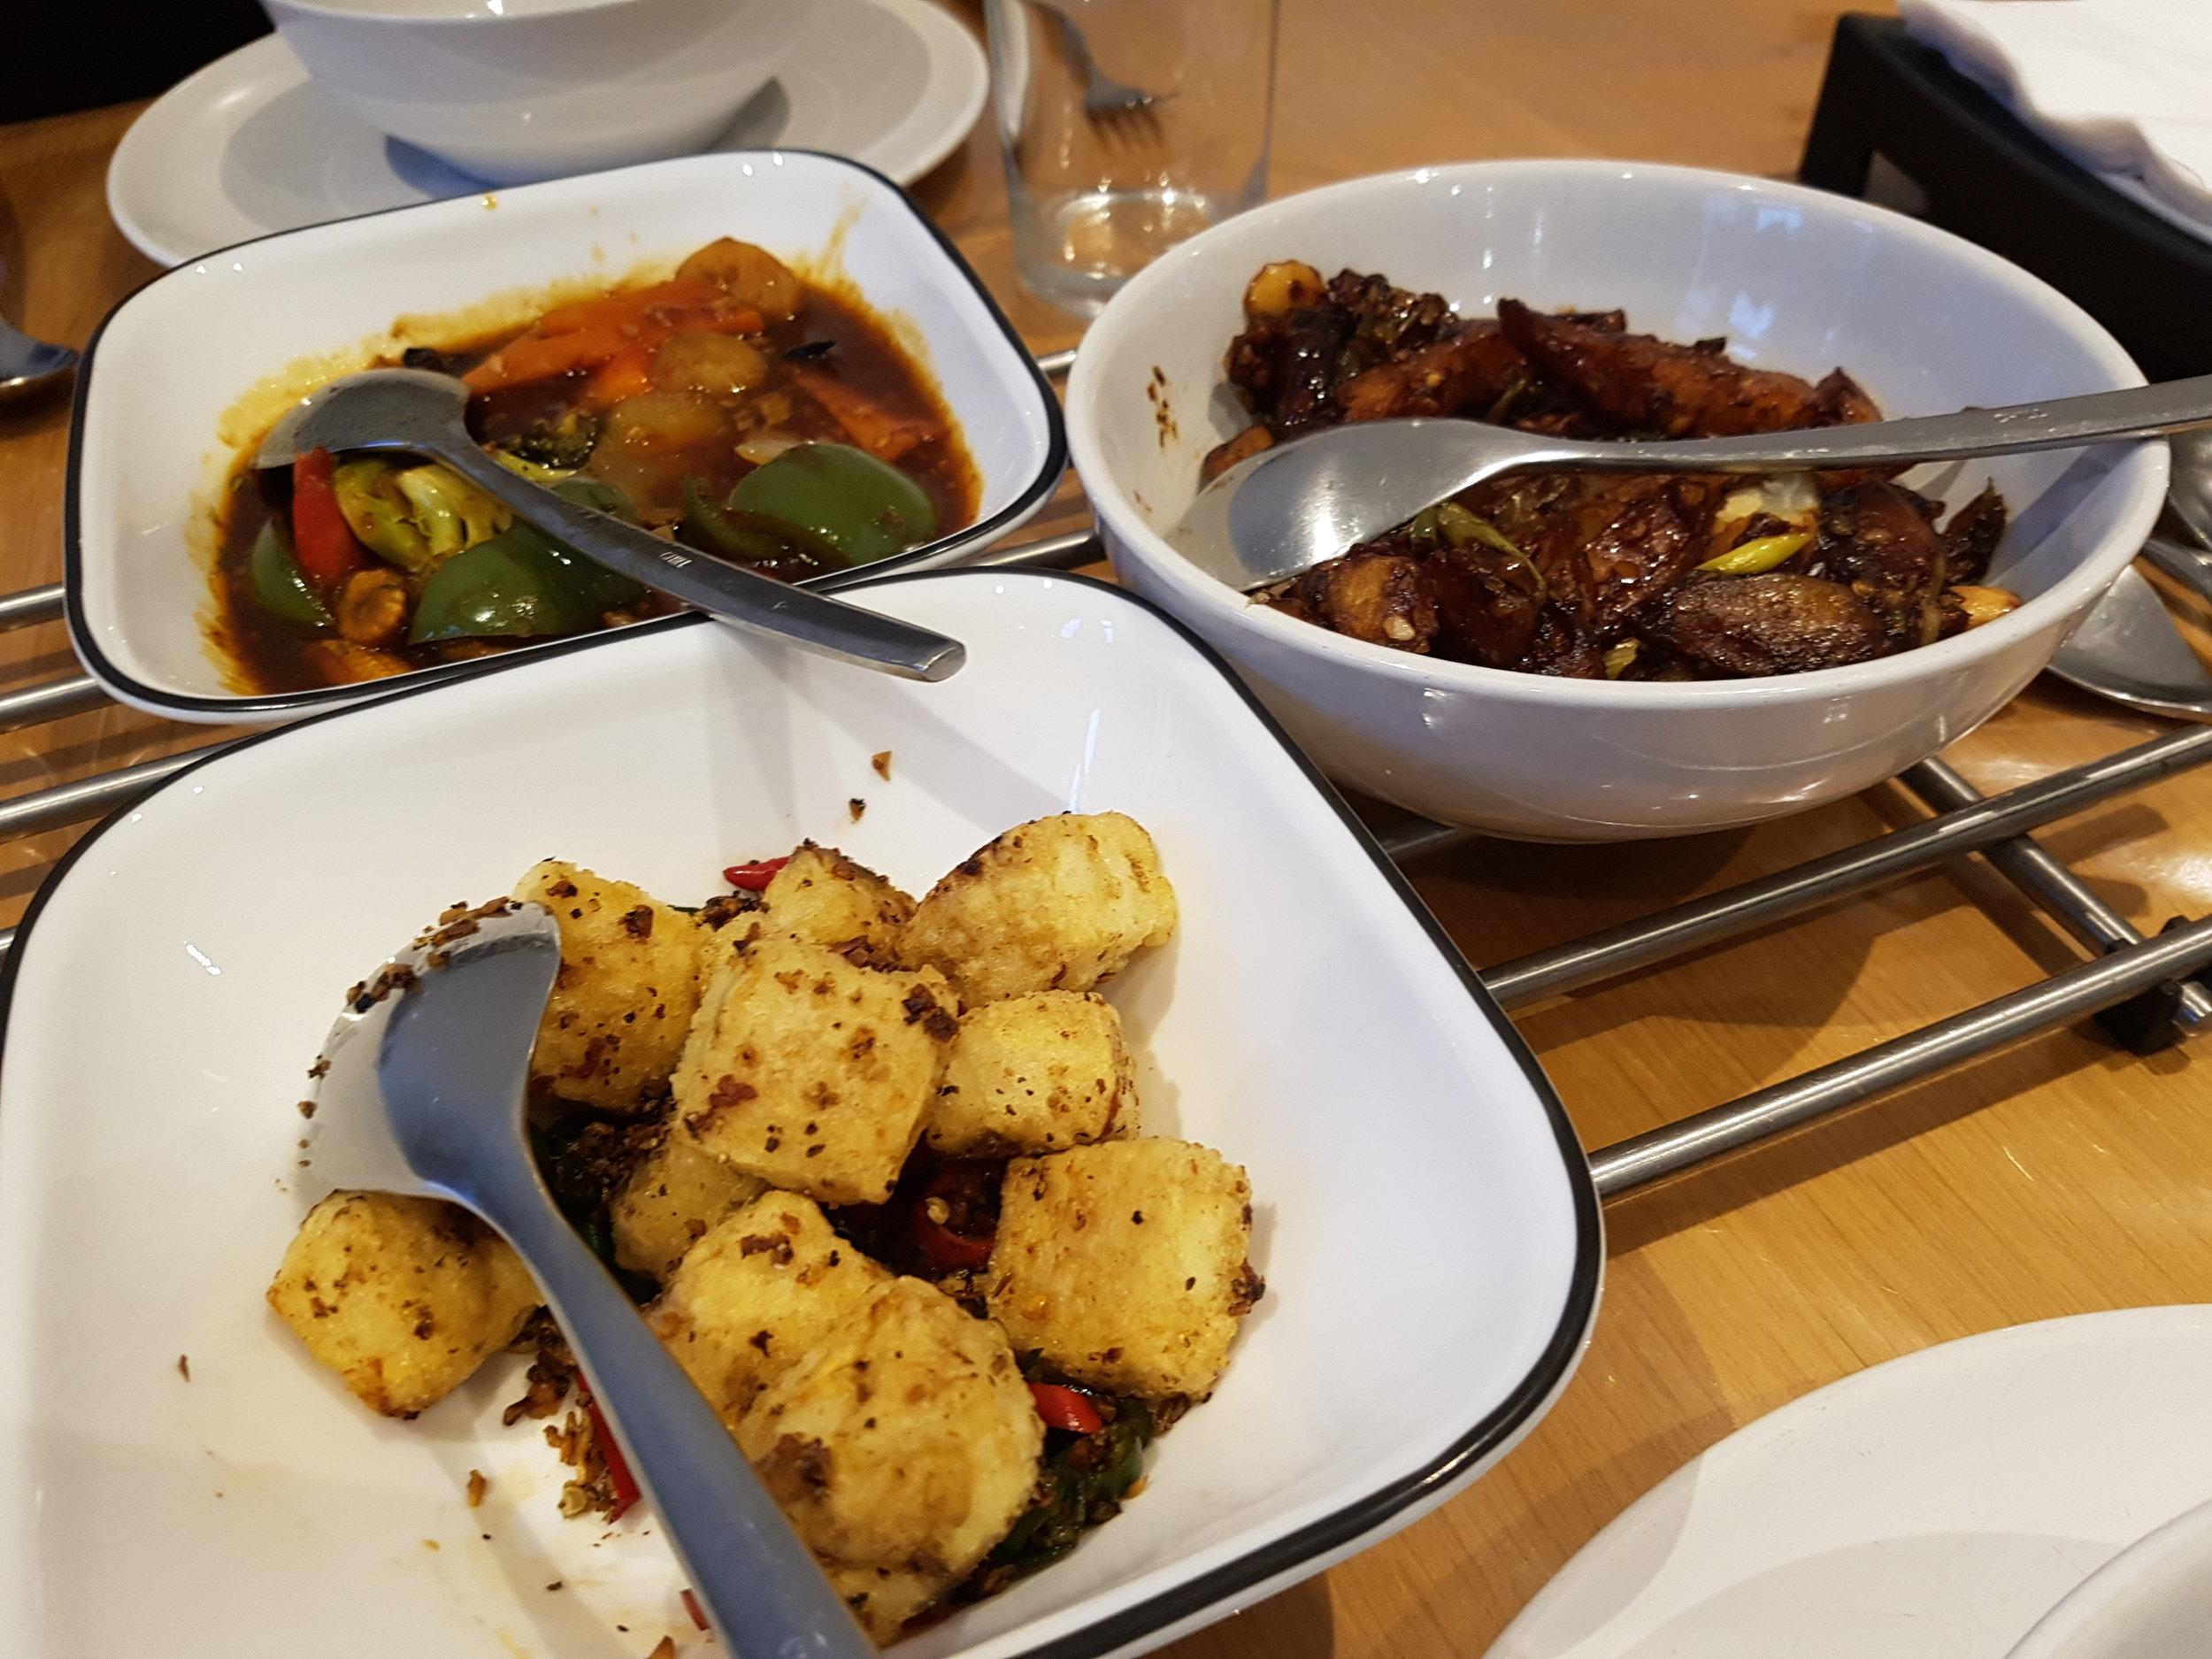 Vegan options at Hakkaland